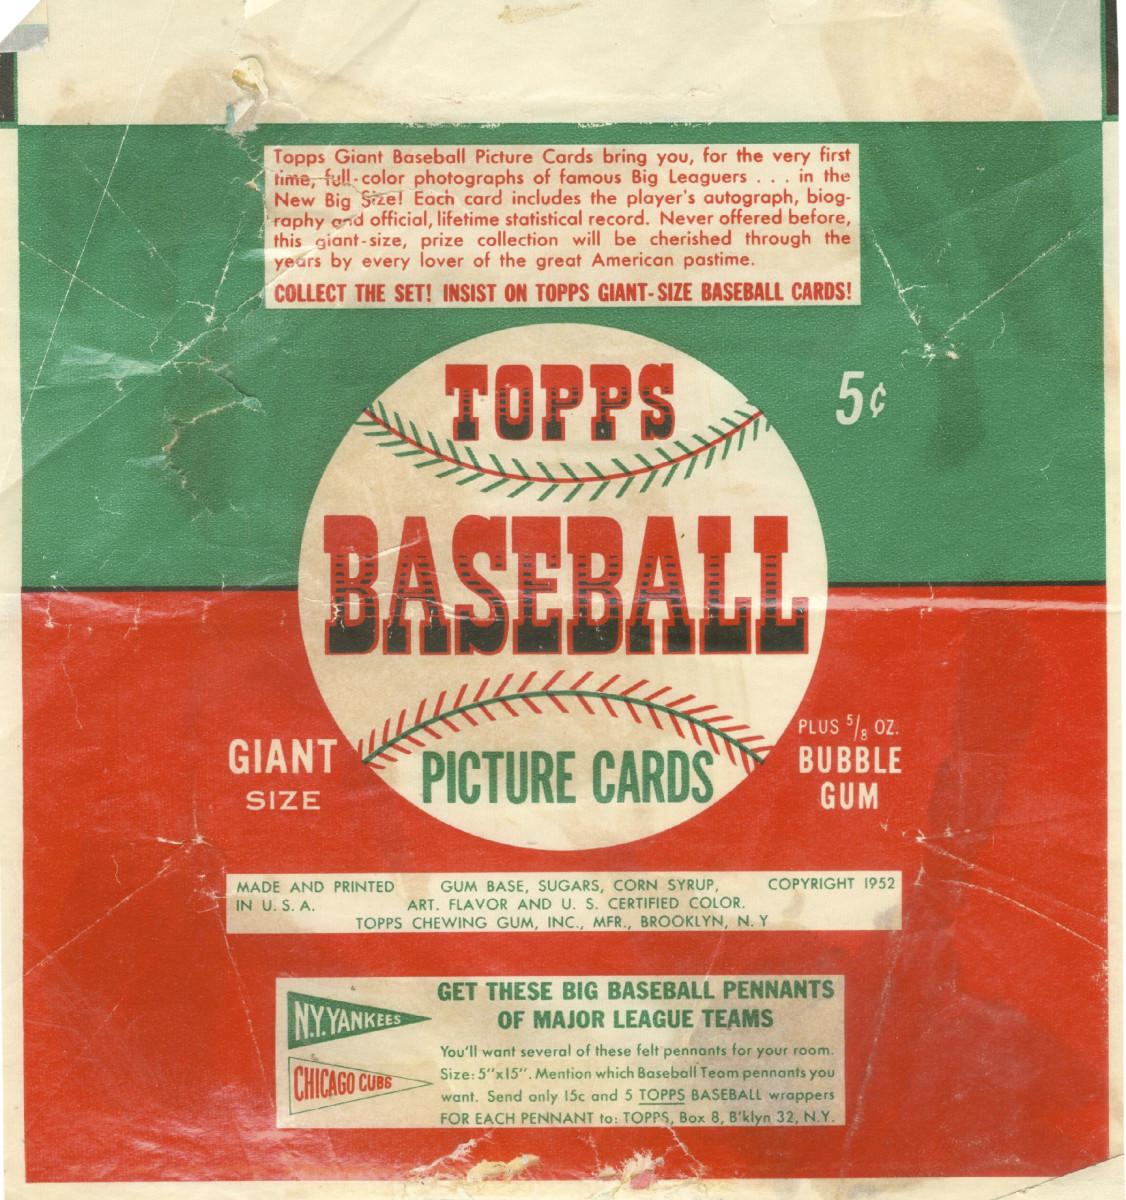 TBB 1952 wrap